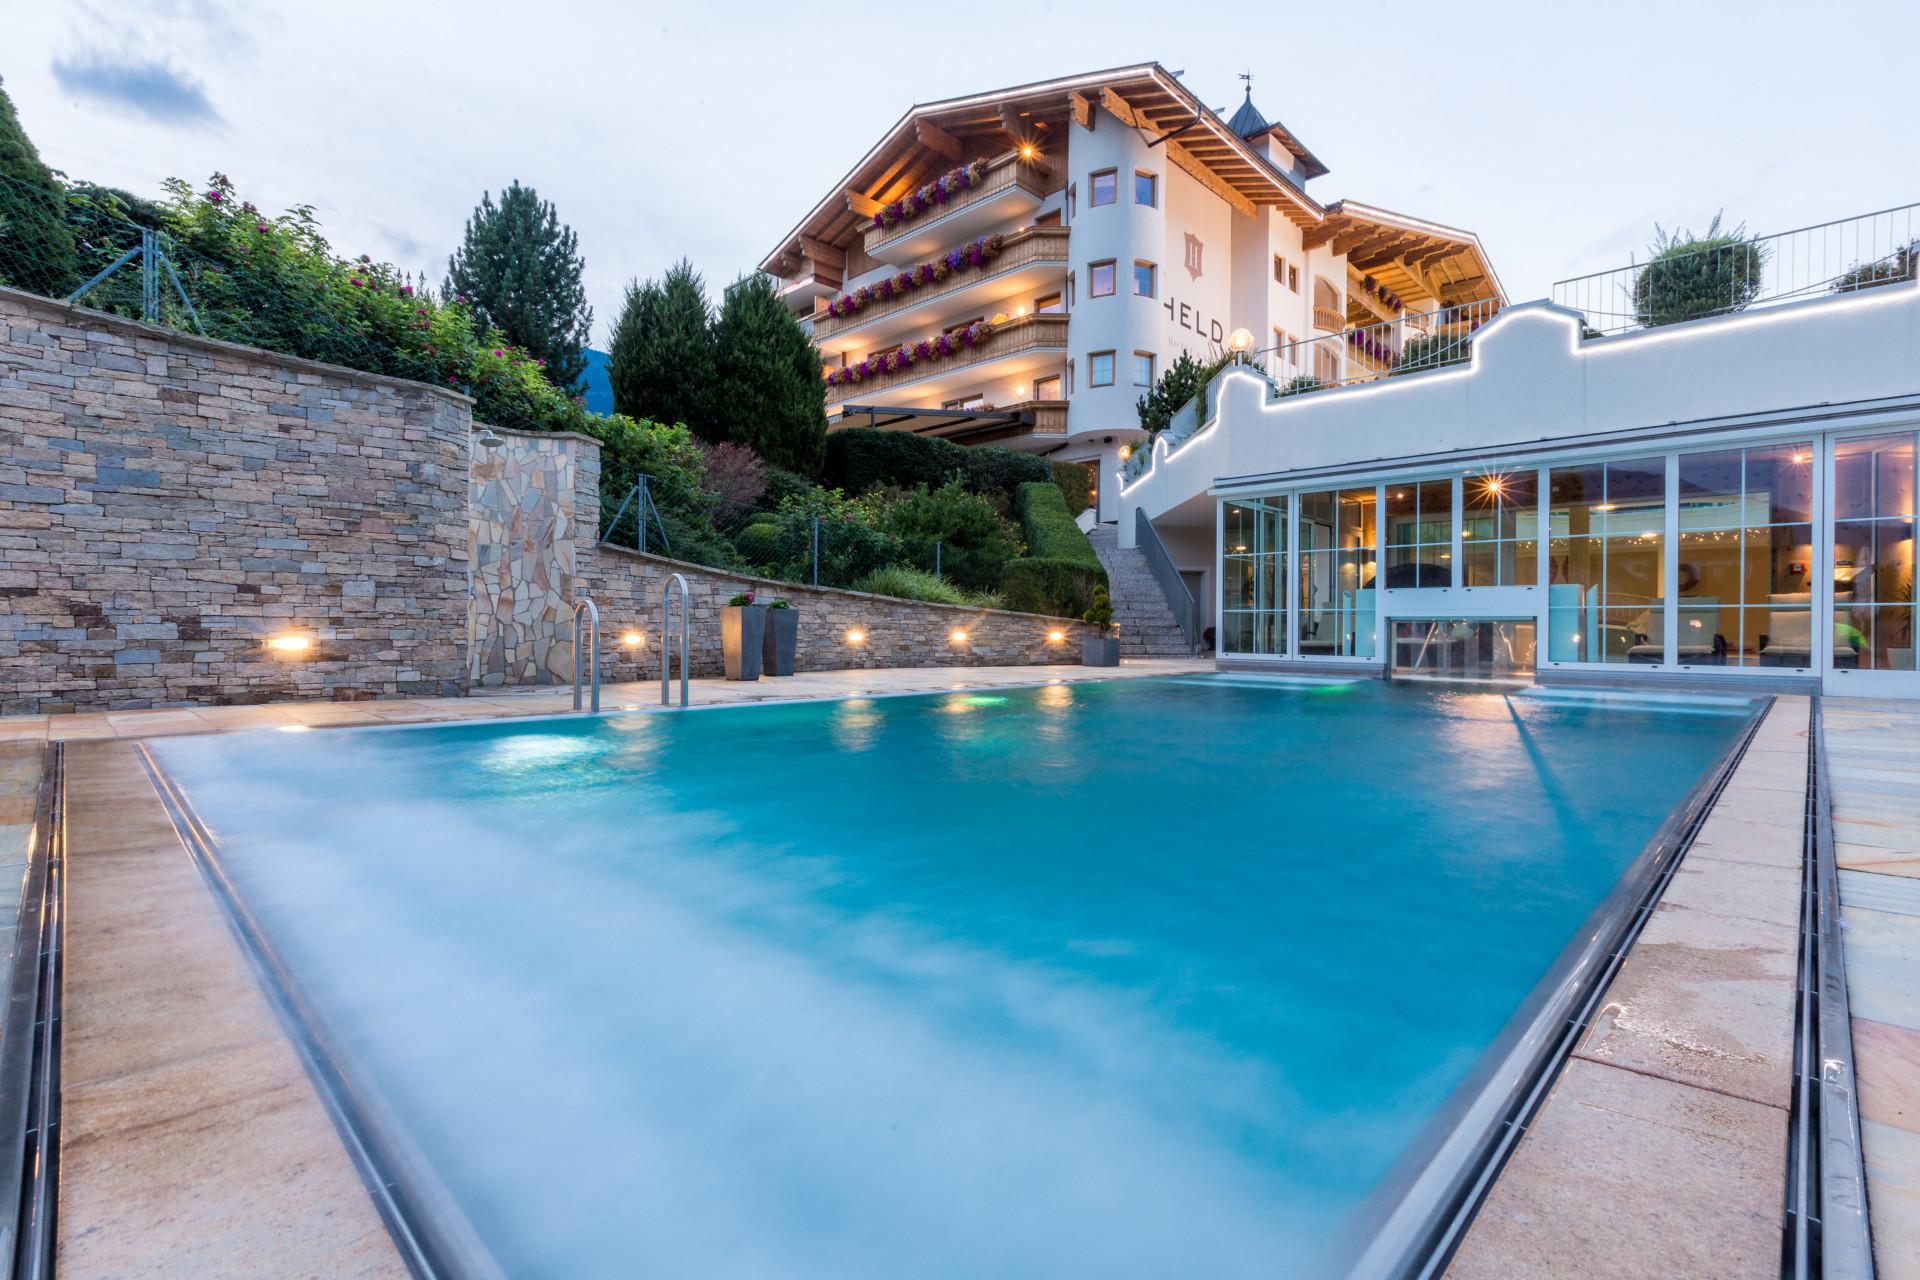 Wellnessbereich hotel zillertal f gen - Whirlpool temperatur sommer ...